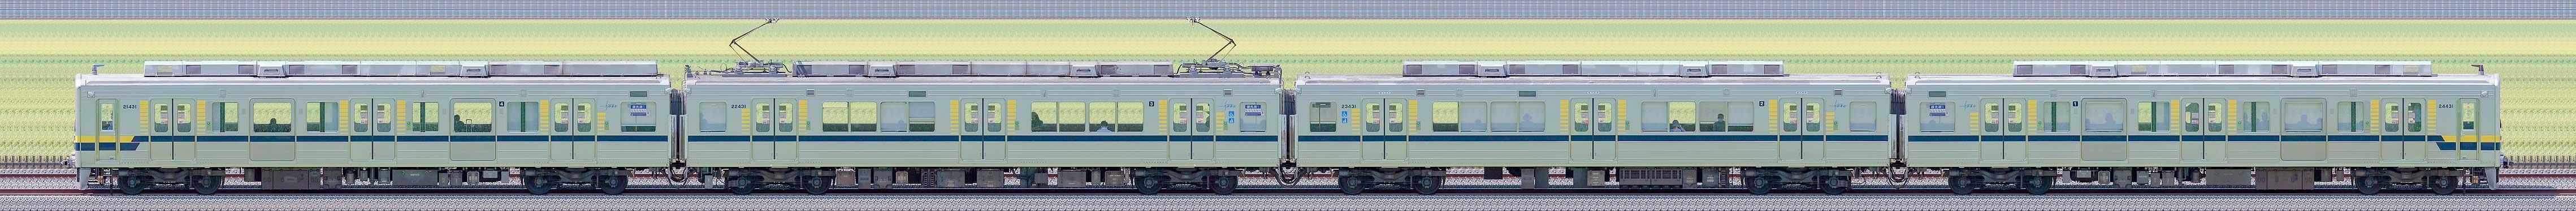 東武20400型21431編成(海側)の編成サイドビュー